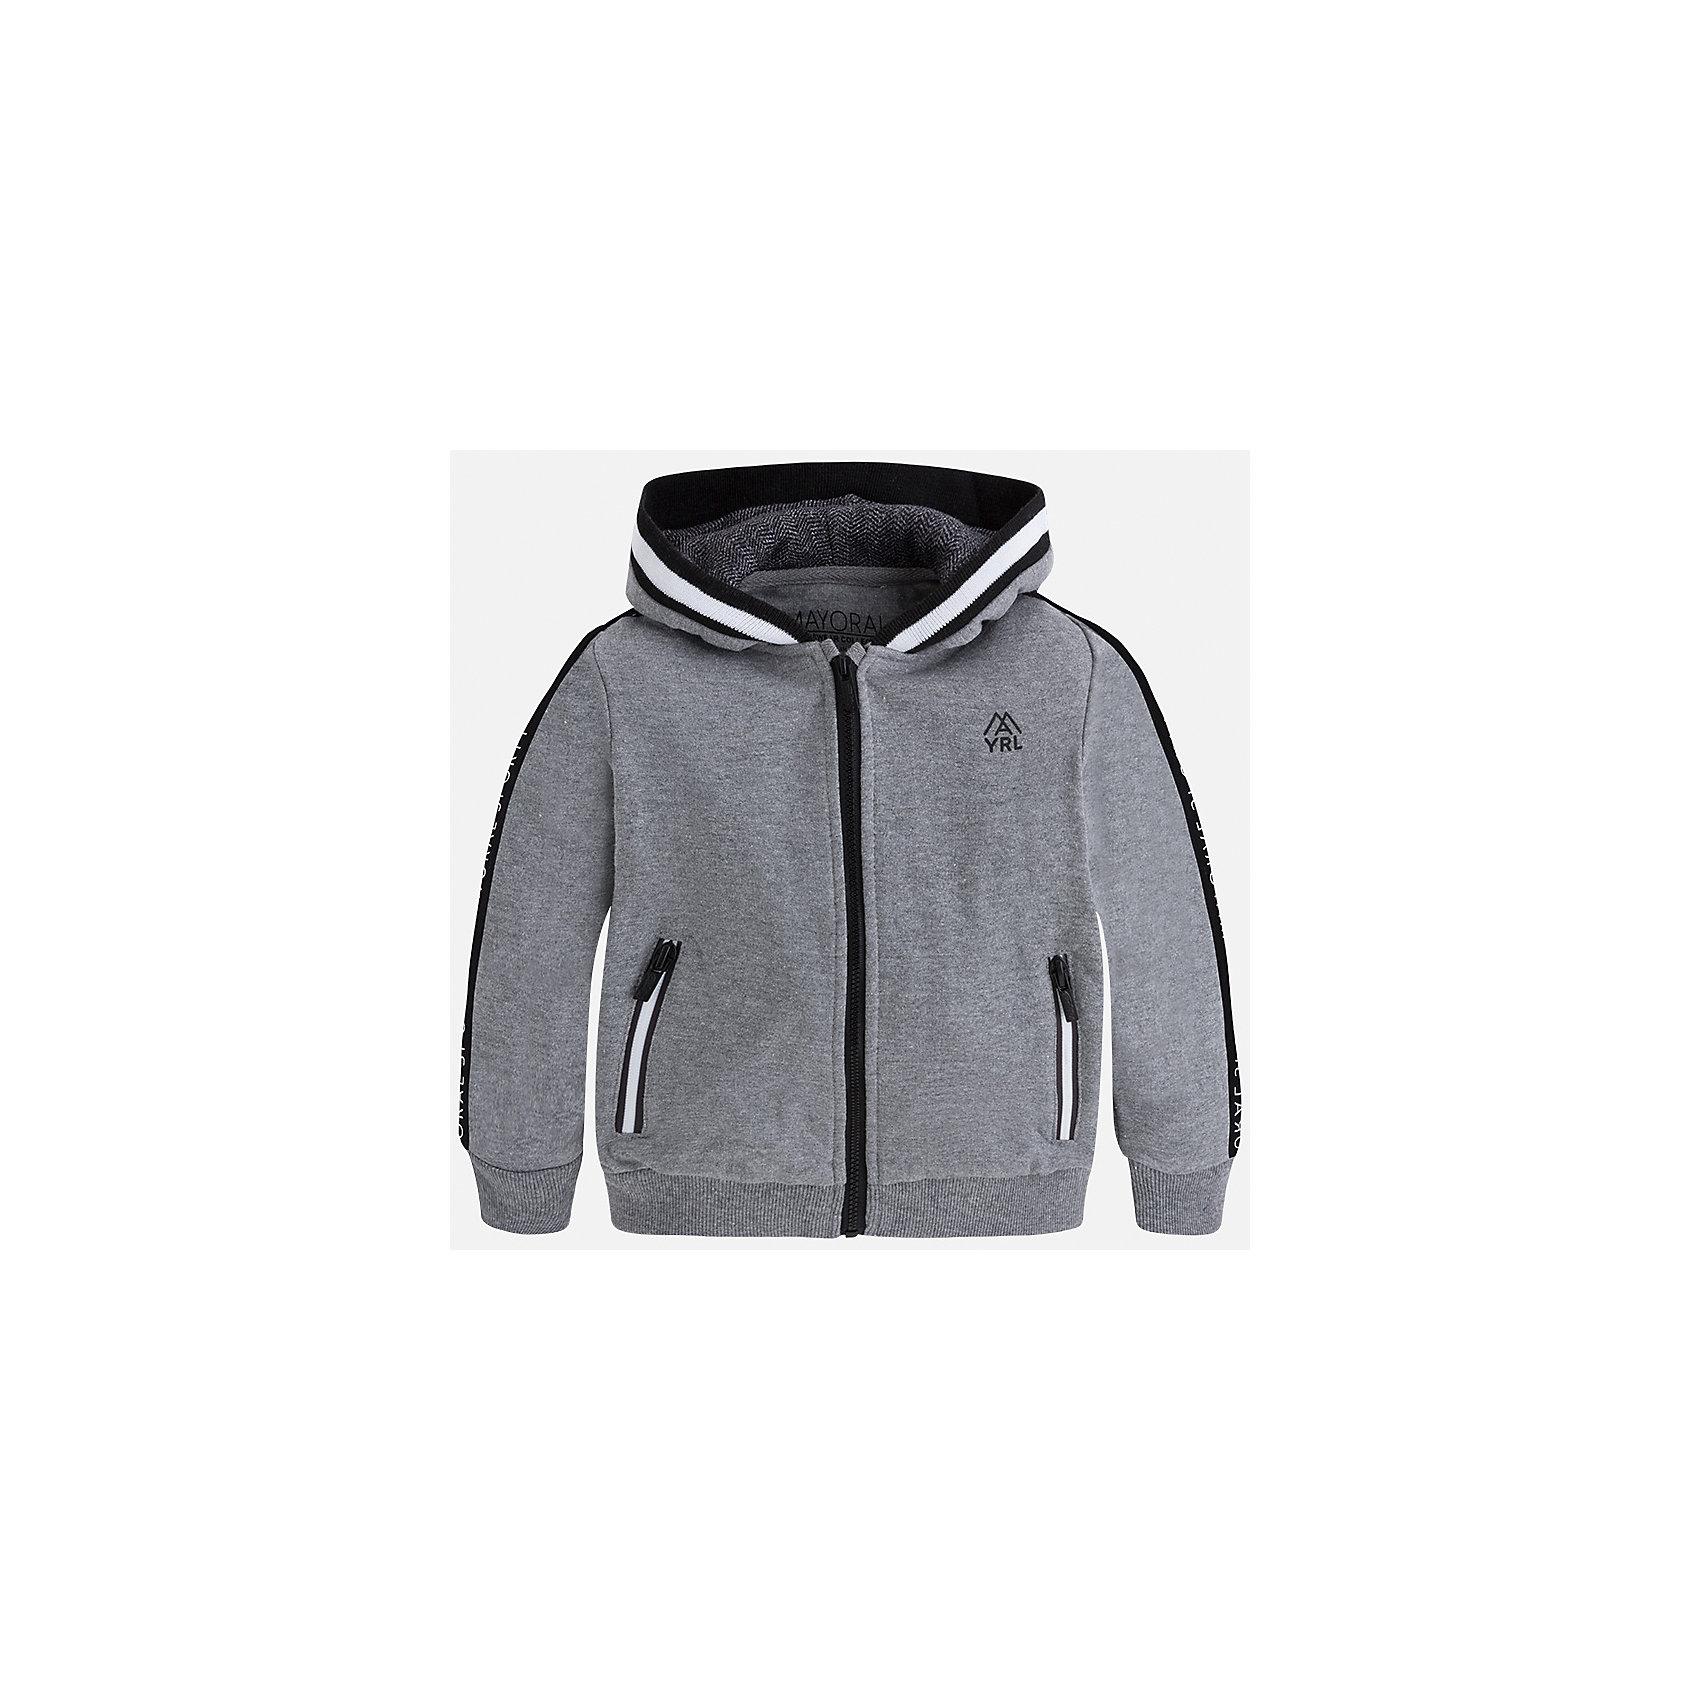 Куртка для мальчика MayoralТолстовки<br>Характеристики товара:<br><br>• цвет: серый<br>• состав ткани: 55% хлопок, 45% полиэстер<br>• сезон: демисезон<br>• особенности толстовки: с манжетами, на молнии<br>• капюшон: без меха, несъемный<br>• застежка: молния<br>• страна бренда: Испания<br>• страна изготовитель: Индия<br><br>Такая детская толстовка от Mayoral дополнена удобными карманами и капюшоном. Толстовка для мальчика сшита из приятного на ощупь хлопкового трикотажа. Детская одежда от испанской компании Mayoral, как и эта серая толстовка для мальчика, отличается оригинальным и всегда стильным дизайном. Качество продукции неизменно очень высокое.<br><br>Толстовку для мальчика Mayoral (Майорал) можно купить в нашем интернет-магазине.<br><br>Ширина мм: 356<br>Глубина мм: 10<br>Высота мм: 245<br>Вес г: 519<br>Цвет: серый<br>Возраст от месяцев: 96<br>Возраст до месяцев: 108<br>Пол: Мужской<br>Возраст: Детский<br>Размер: 134,92,98,104,110,116,122,128<br>SKU: 6932775